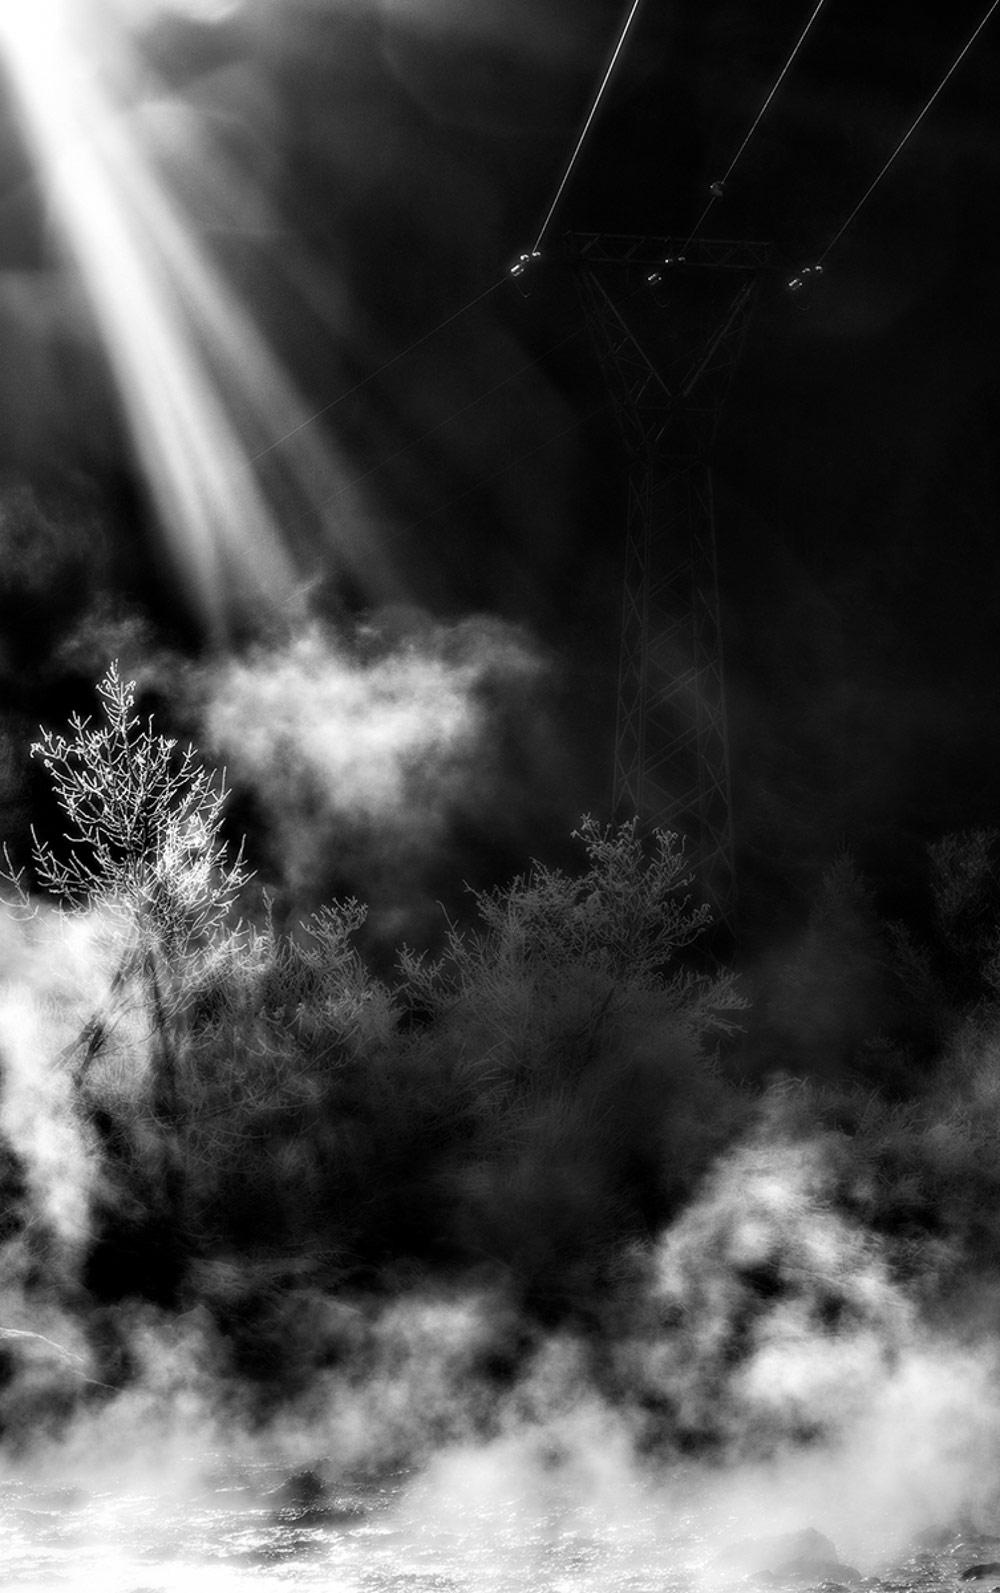 Графика зимнего света в Вальцеллине, © Стефано Сиол, 1-е место в категории «Художественная фотография», профессионал, Фотоконкурс «Зебра» — Zebra — Чёрно-белый фотограф года